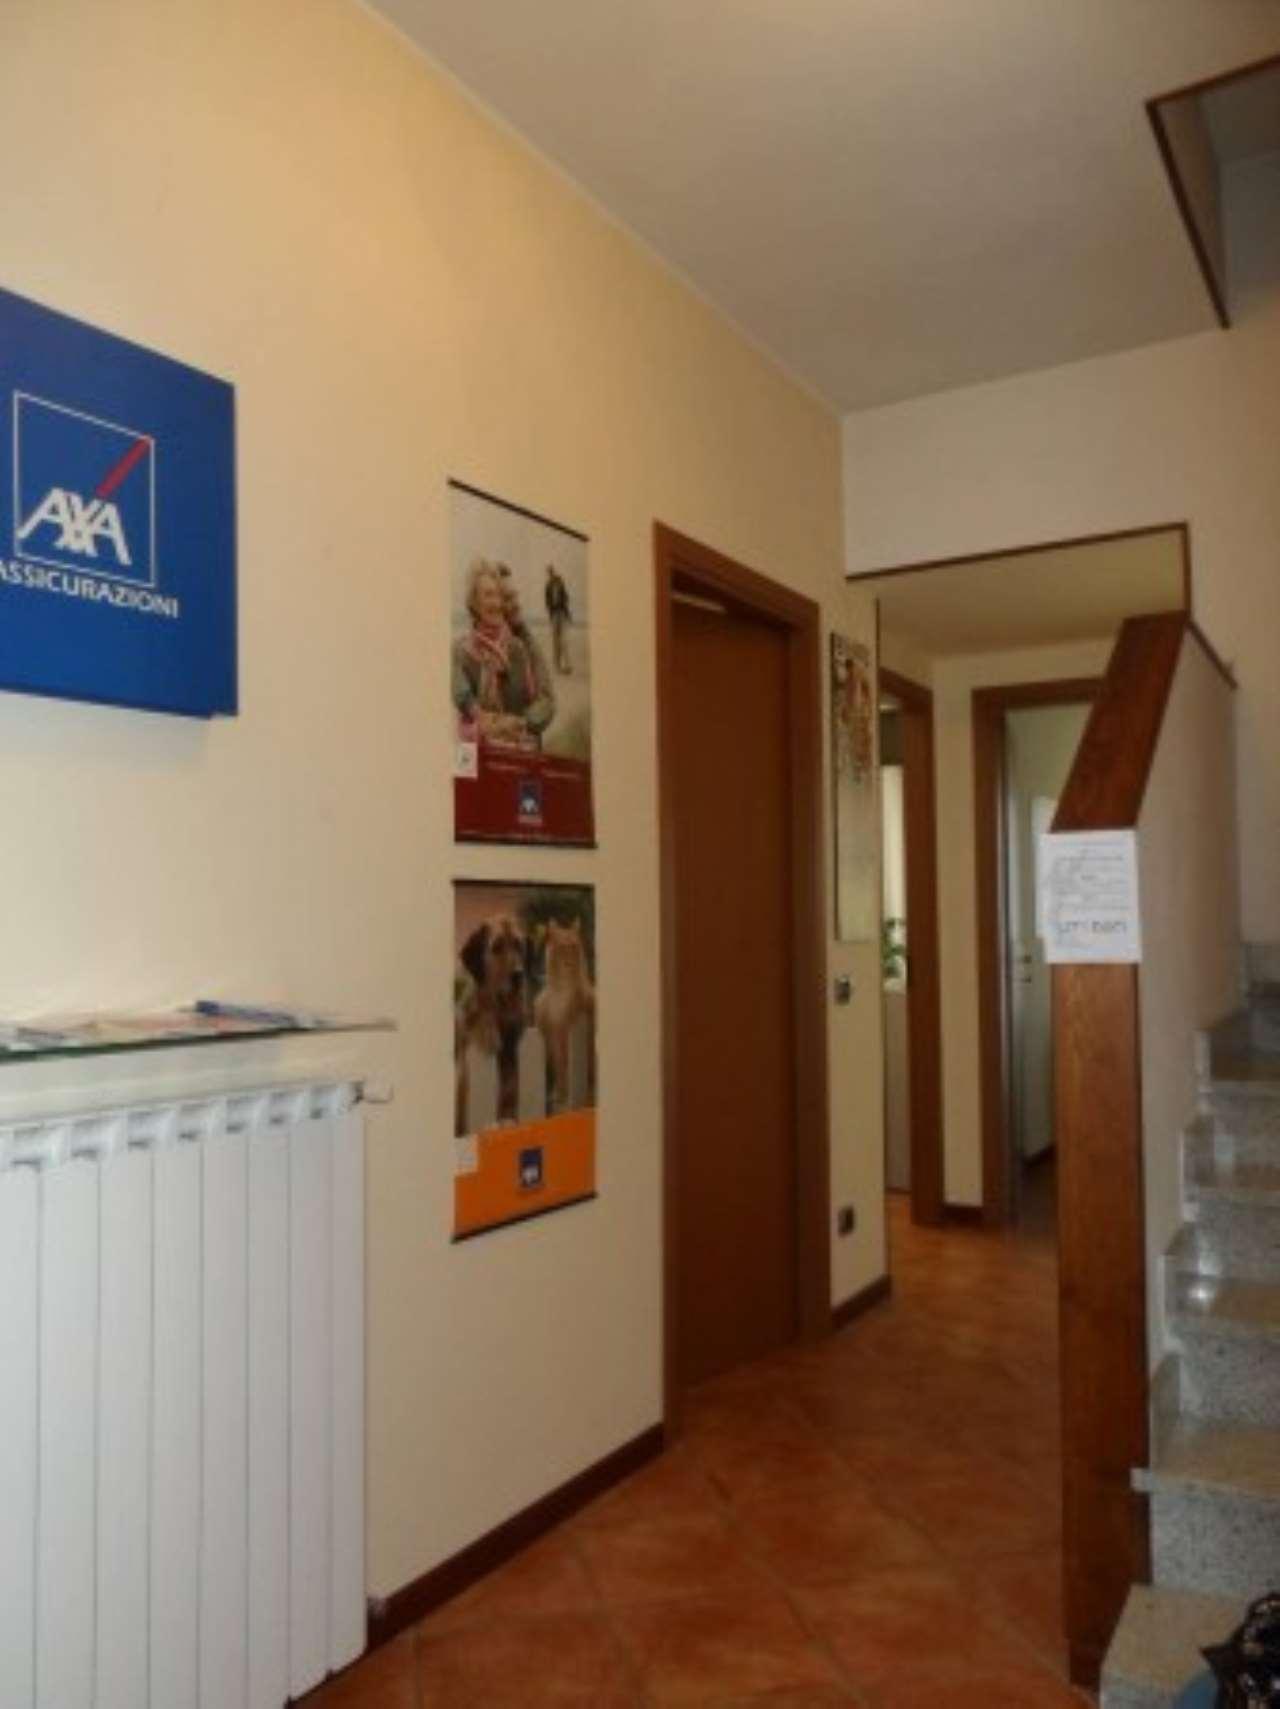 Ufficio / Studio in affitto a Galliate, 3 locali, prezzo € 800 | Cambio Casa.it